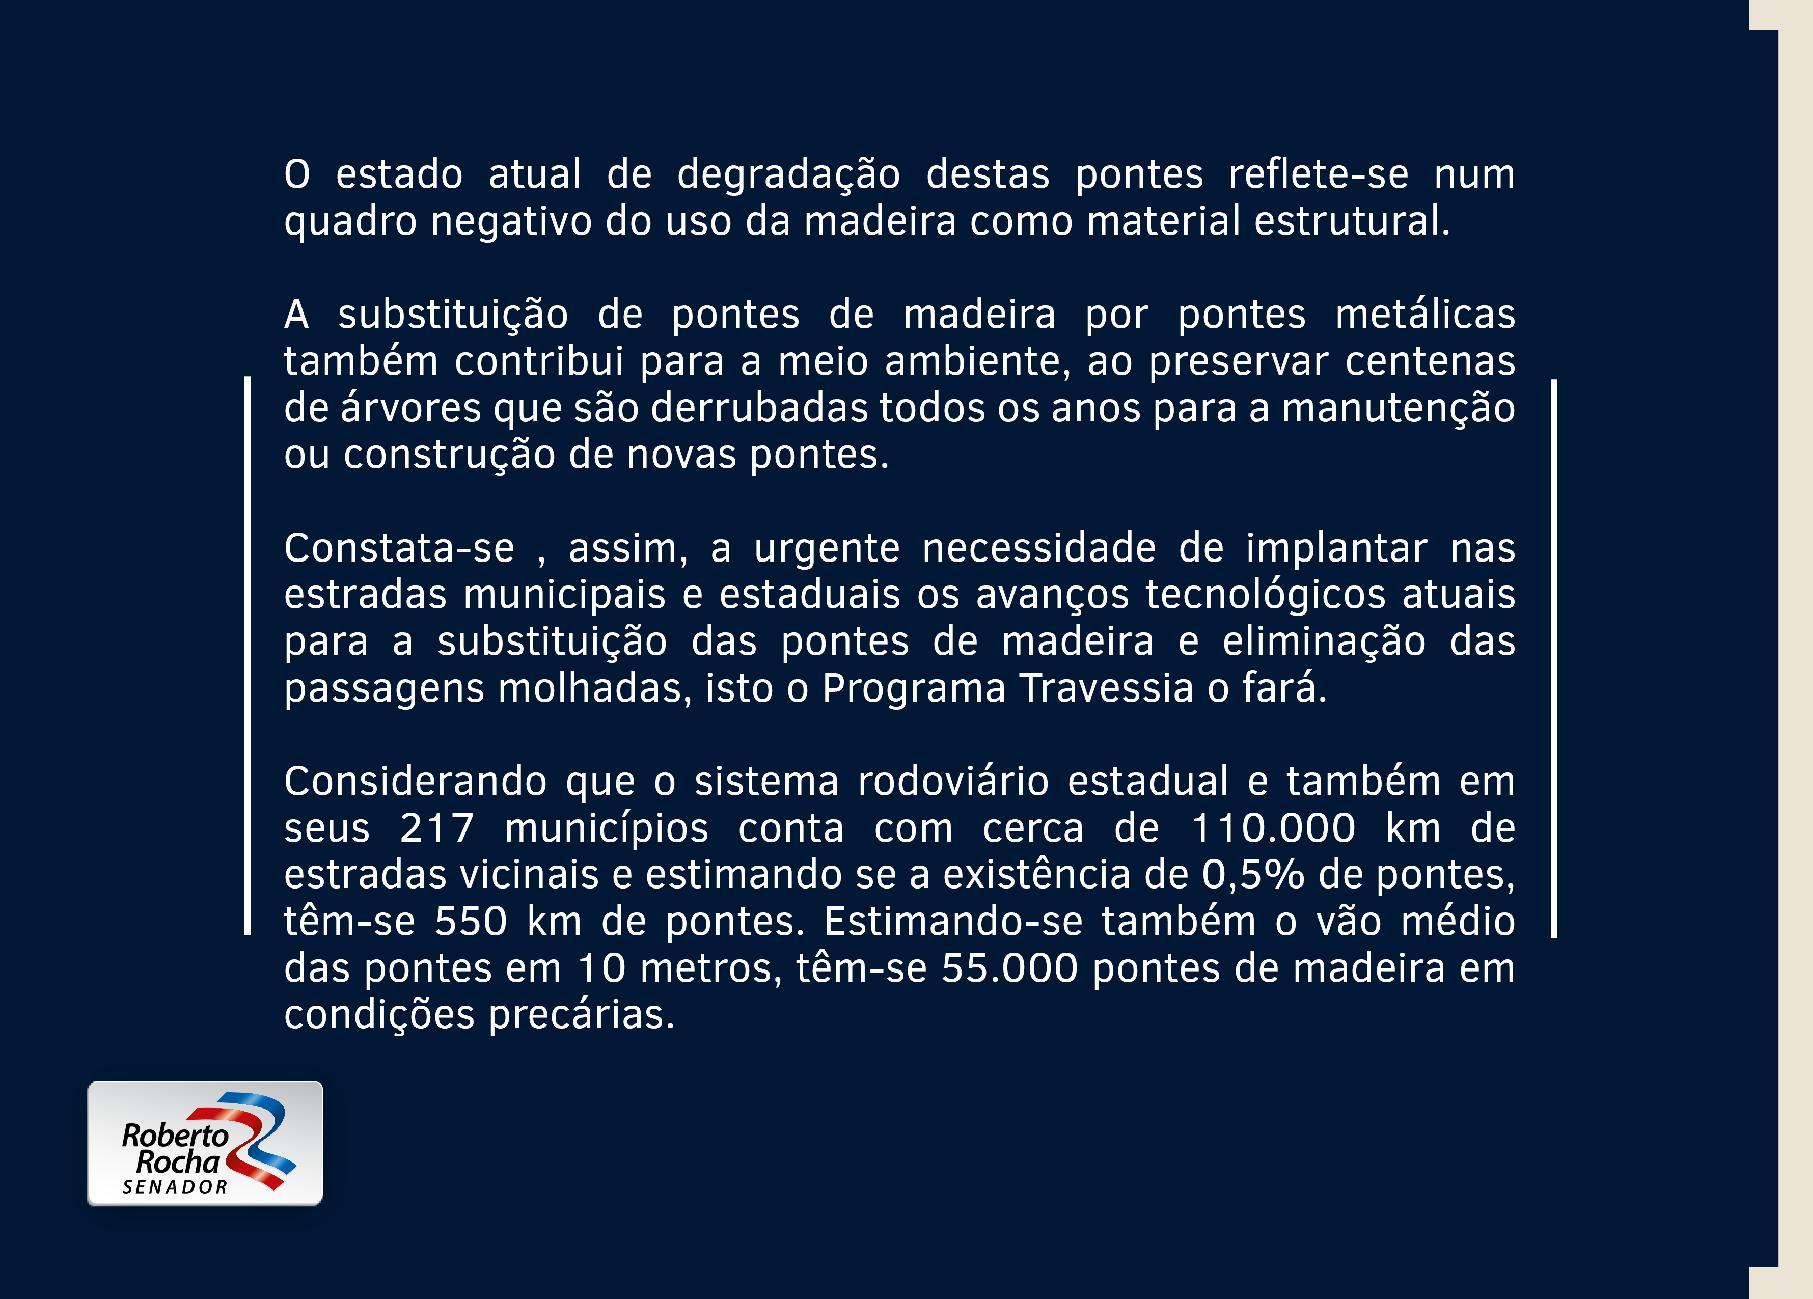 PONTE PARA O PROGRESSO_V226